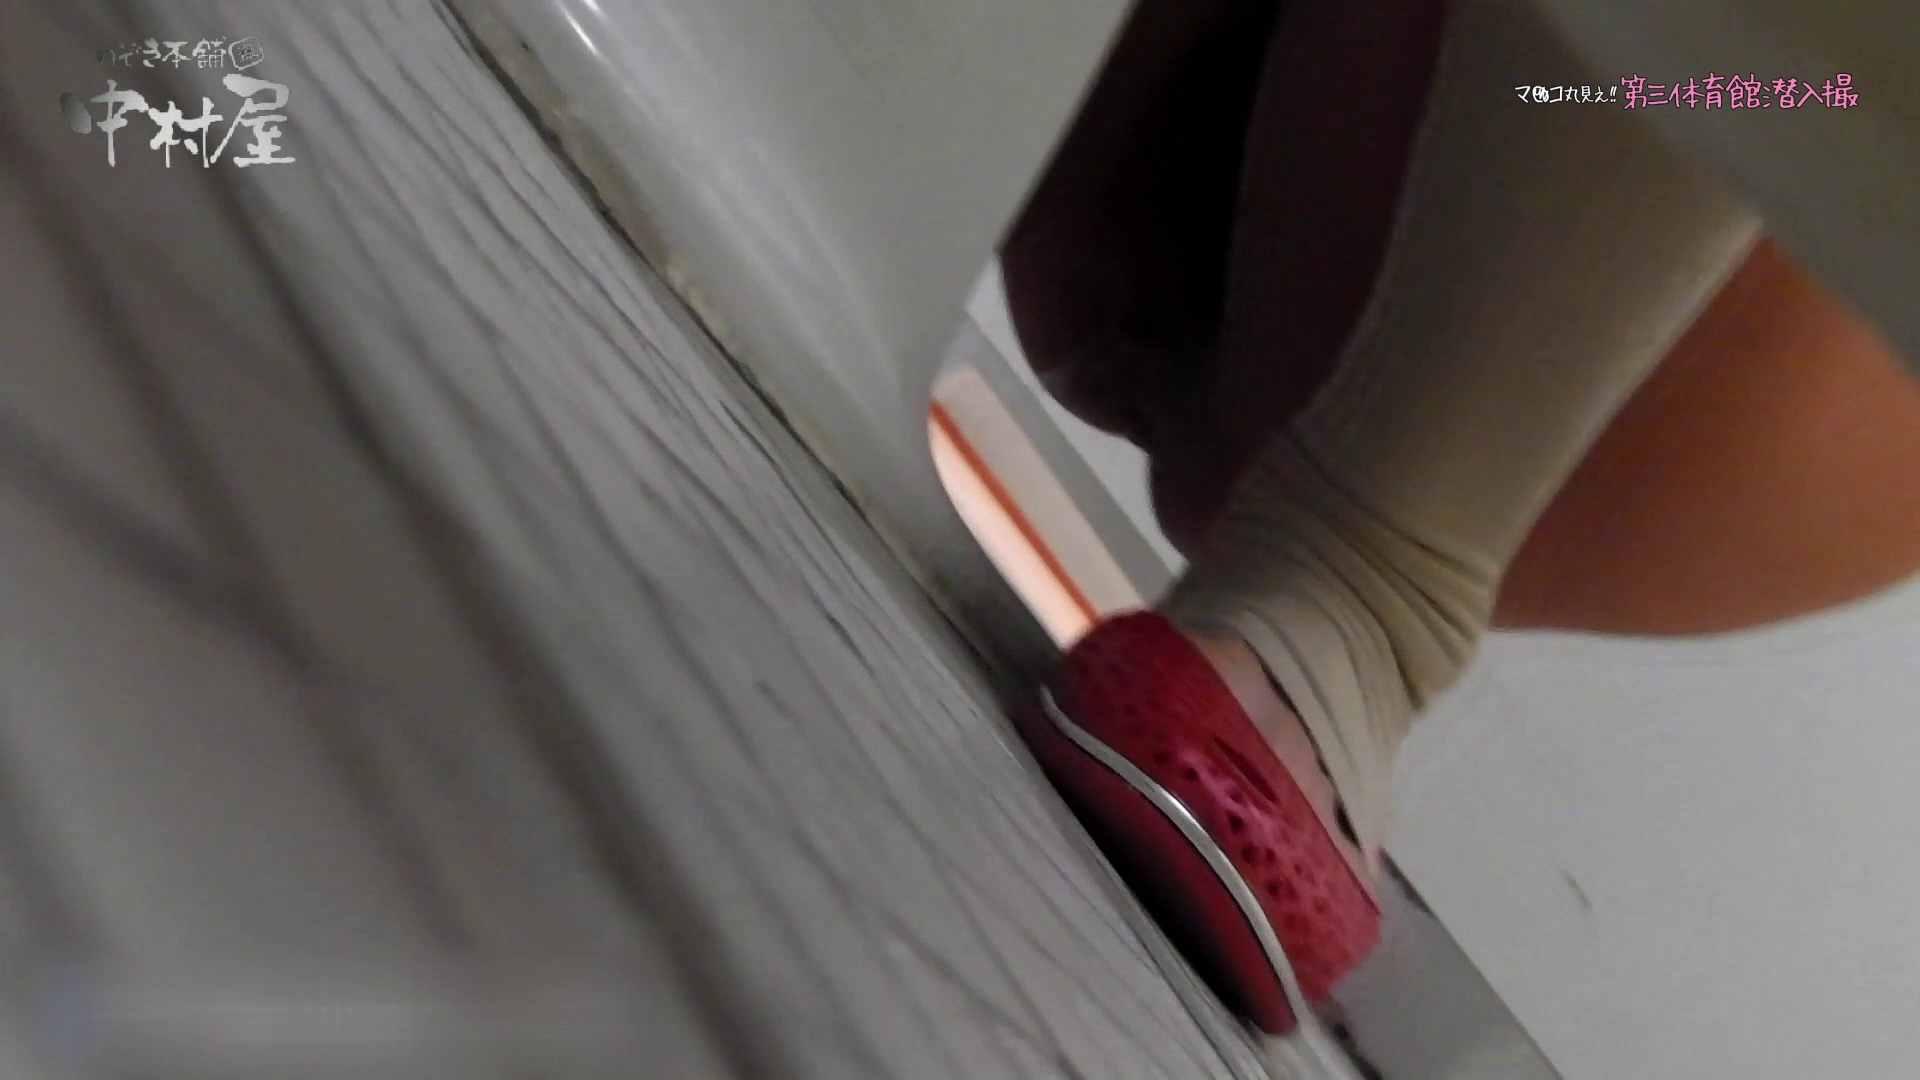 第三体育館File044長身のバレー部員が目の前の個室に入ってくれました。後編 乙女のエロ動画 AV動画キャプチャ 106PIX 60